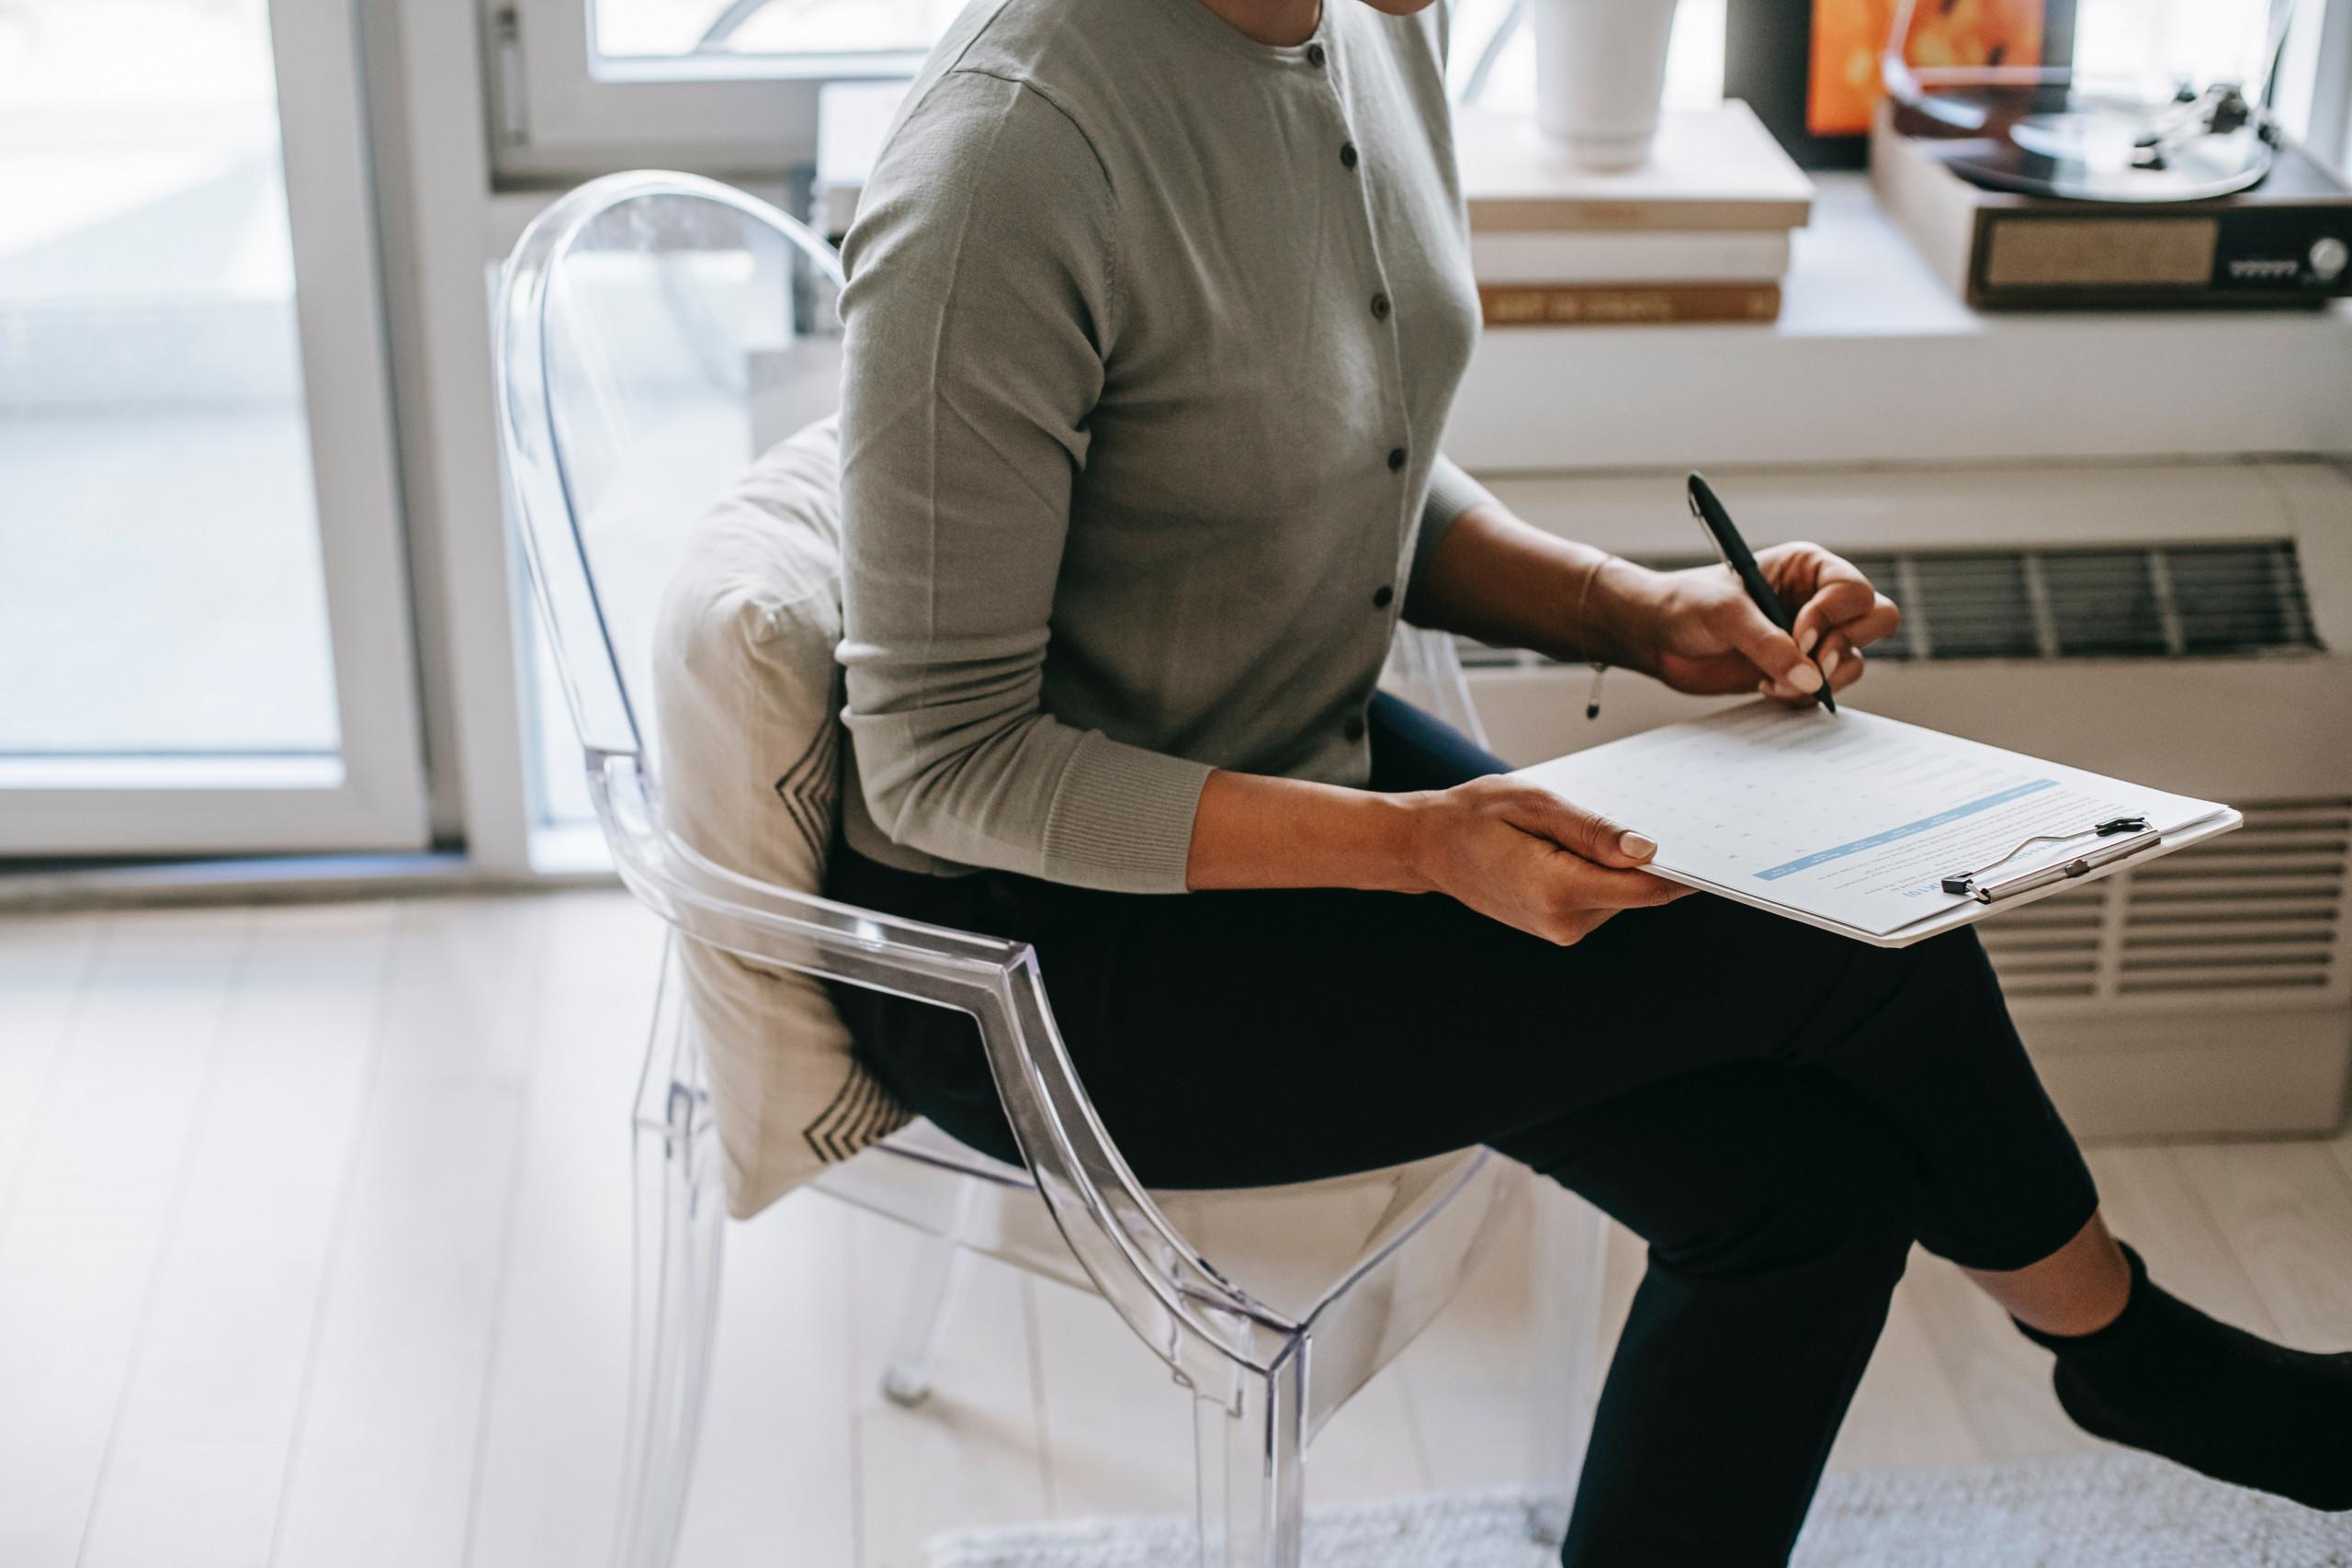 Eine Frau füllt ein Formular aus